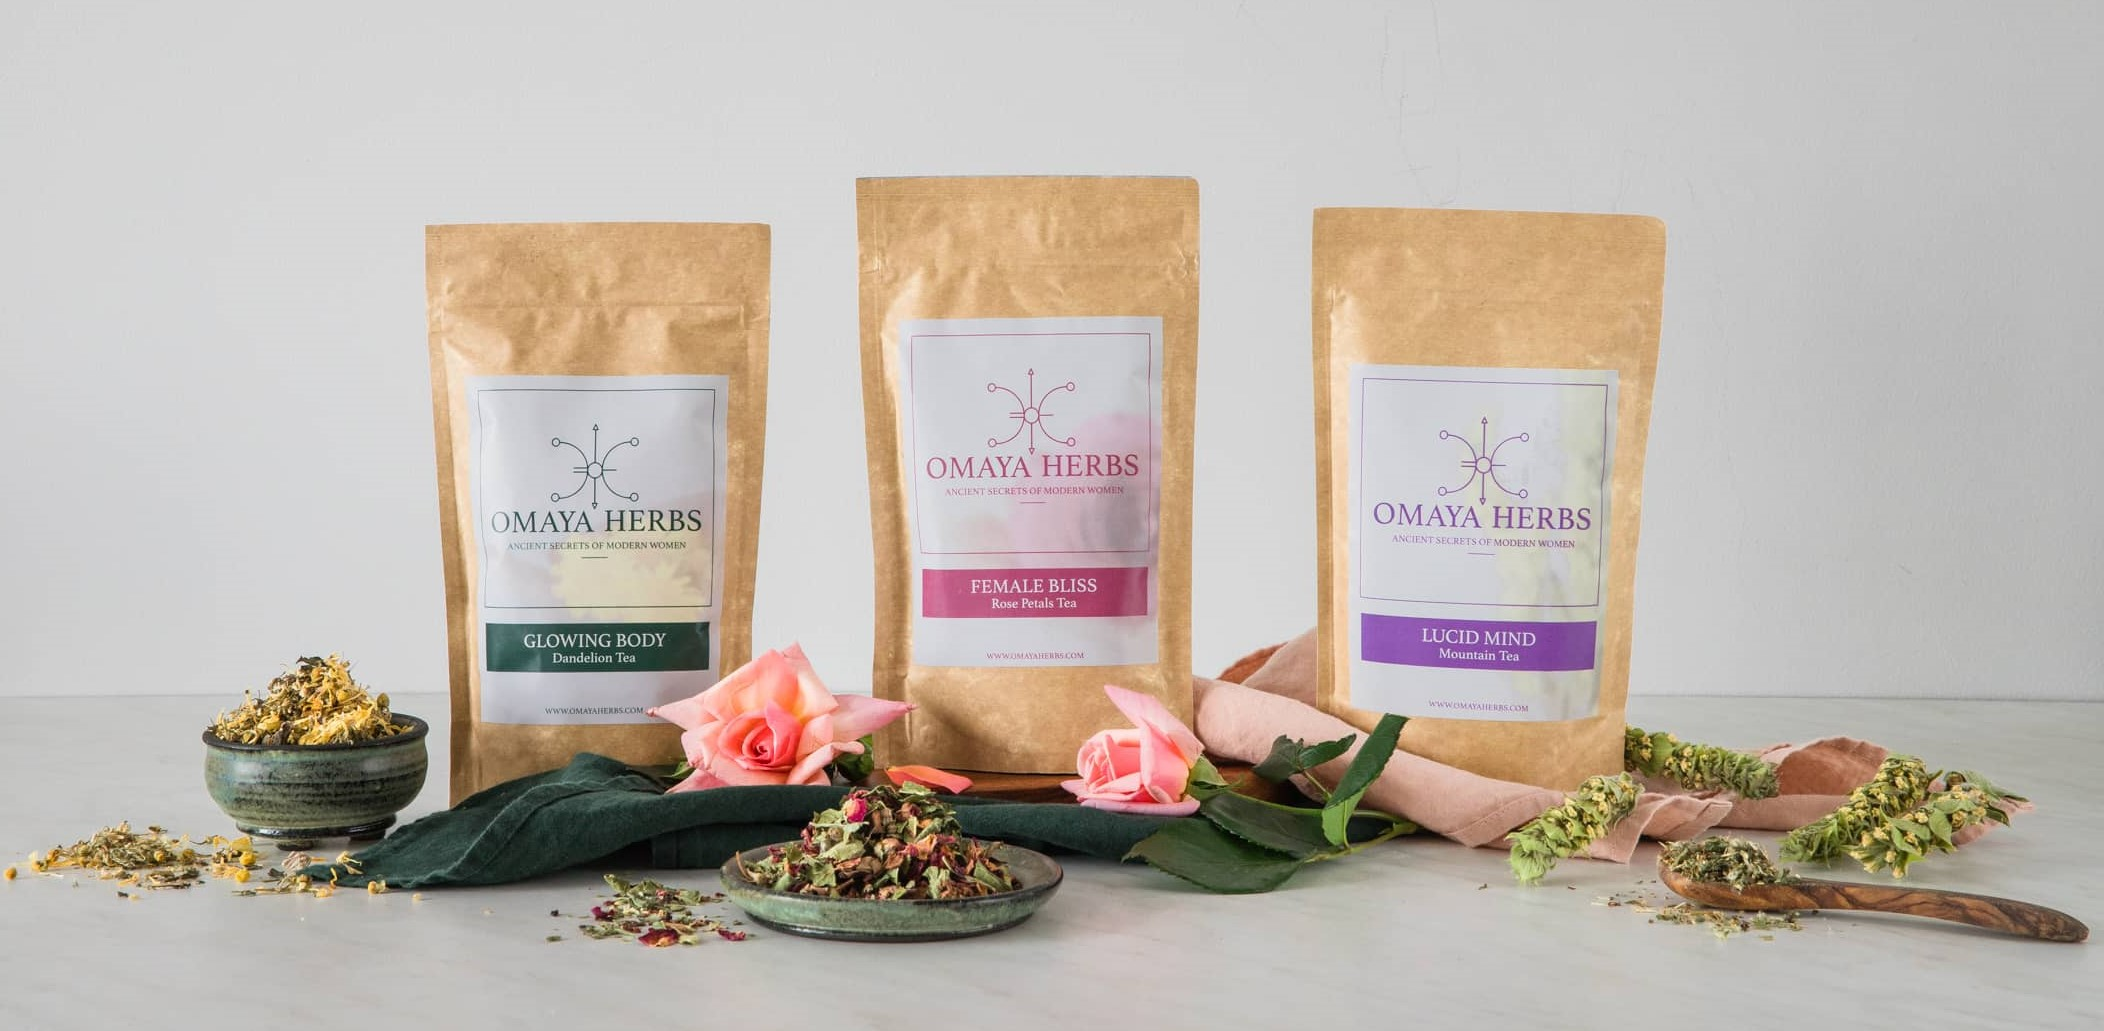 Omaya Herbs